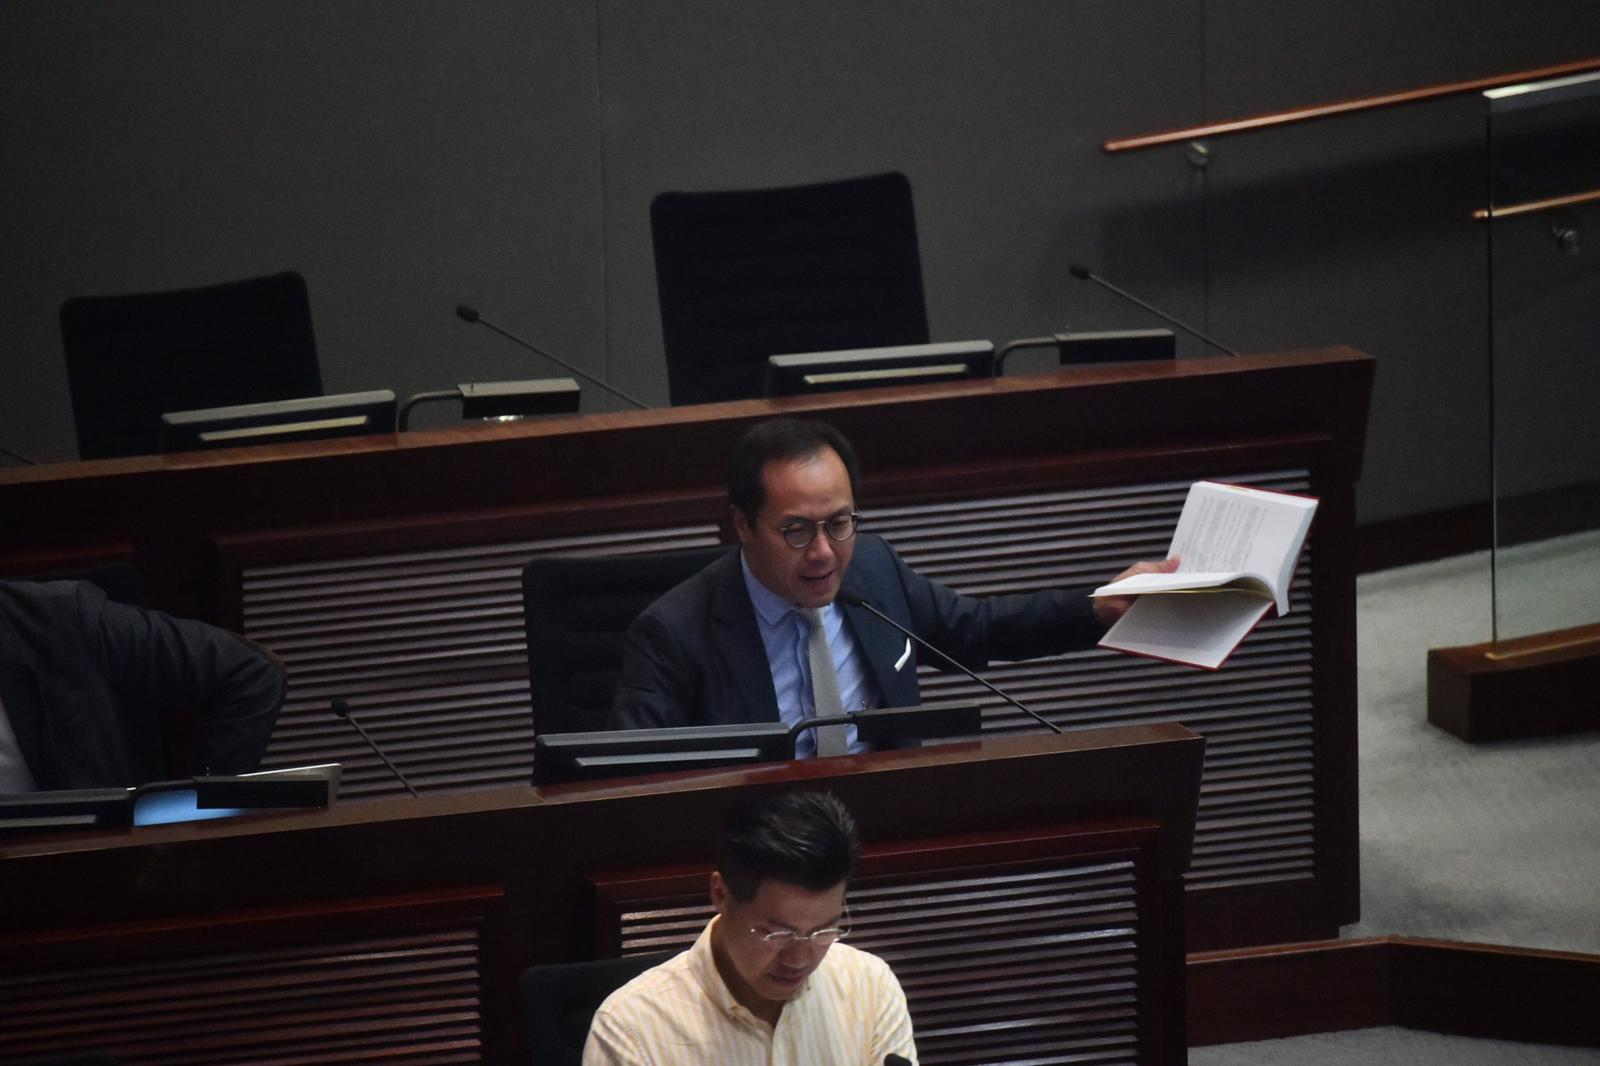 立法會內會舉行第二次會議 仍未能選出主席